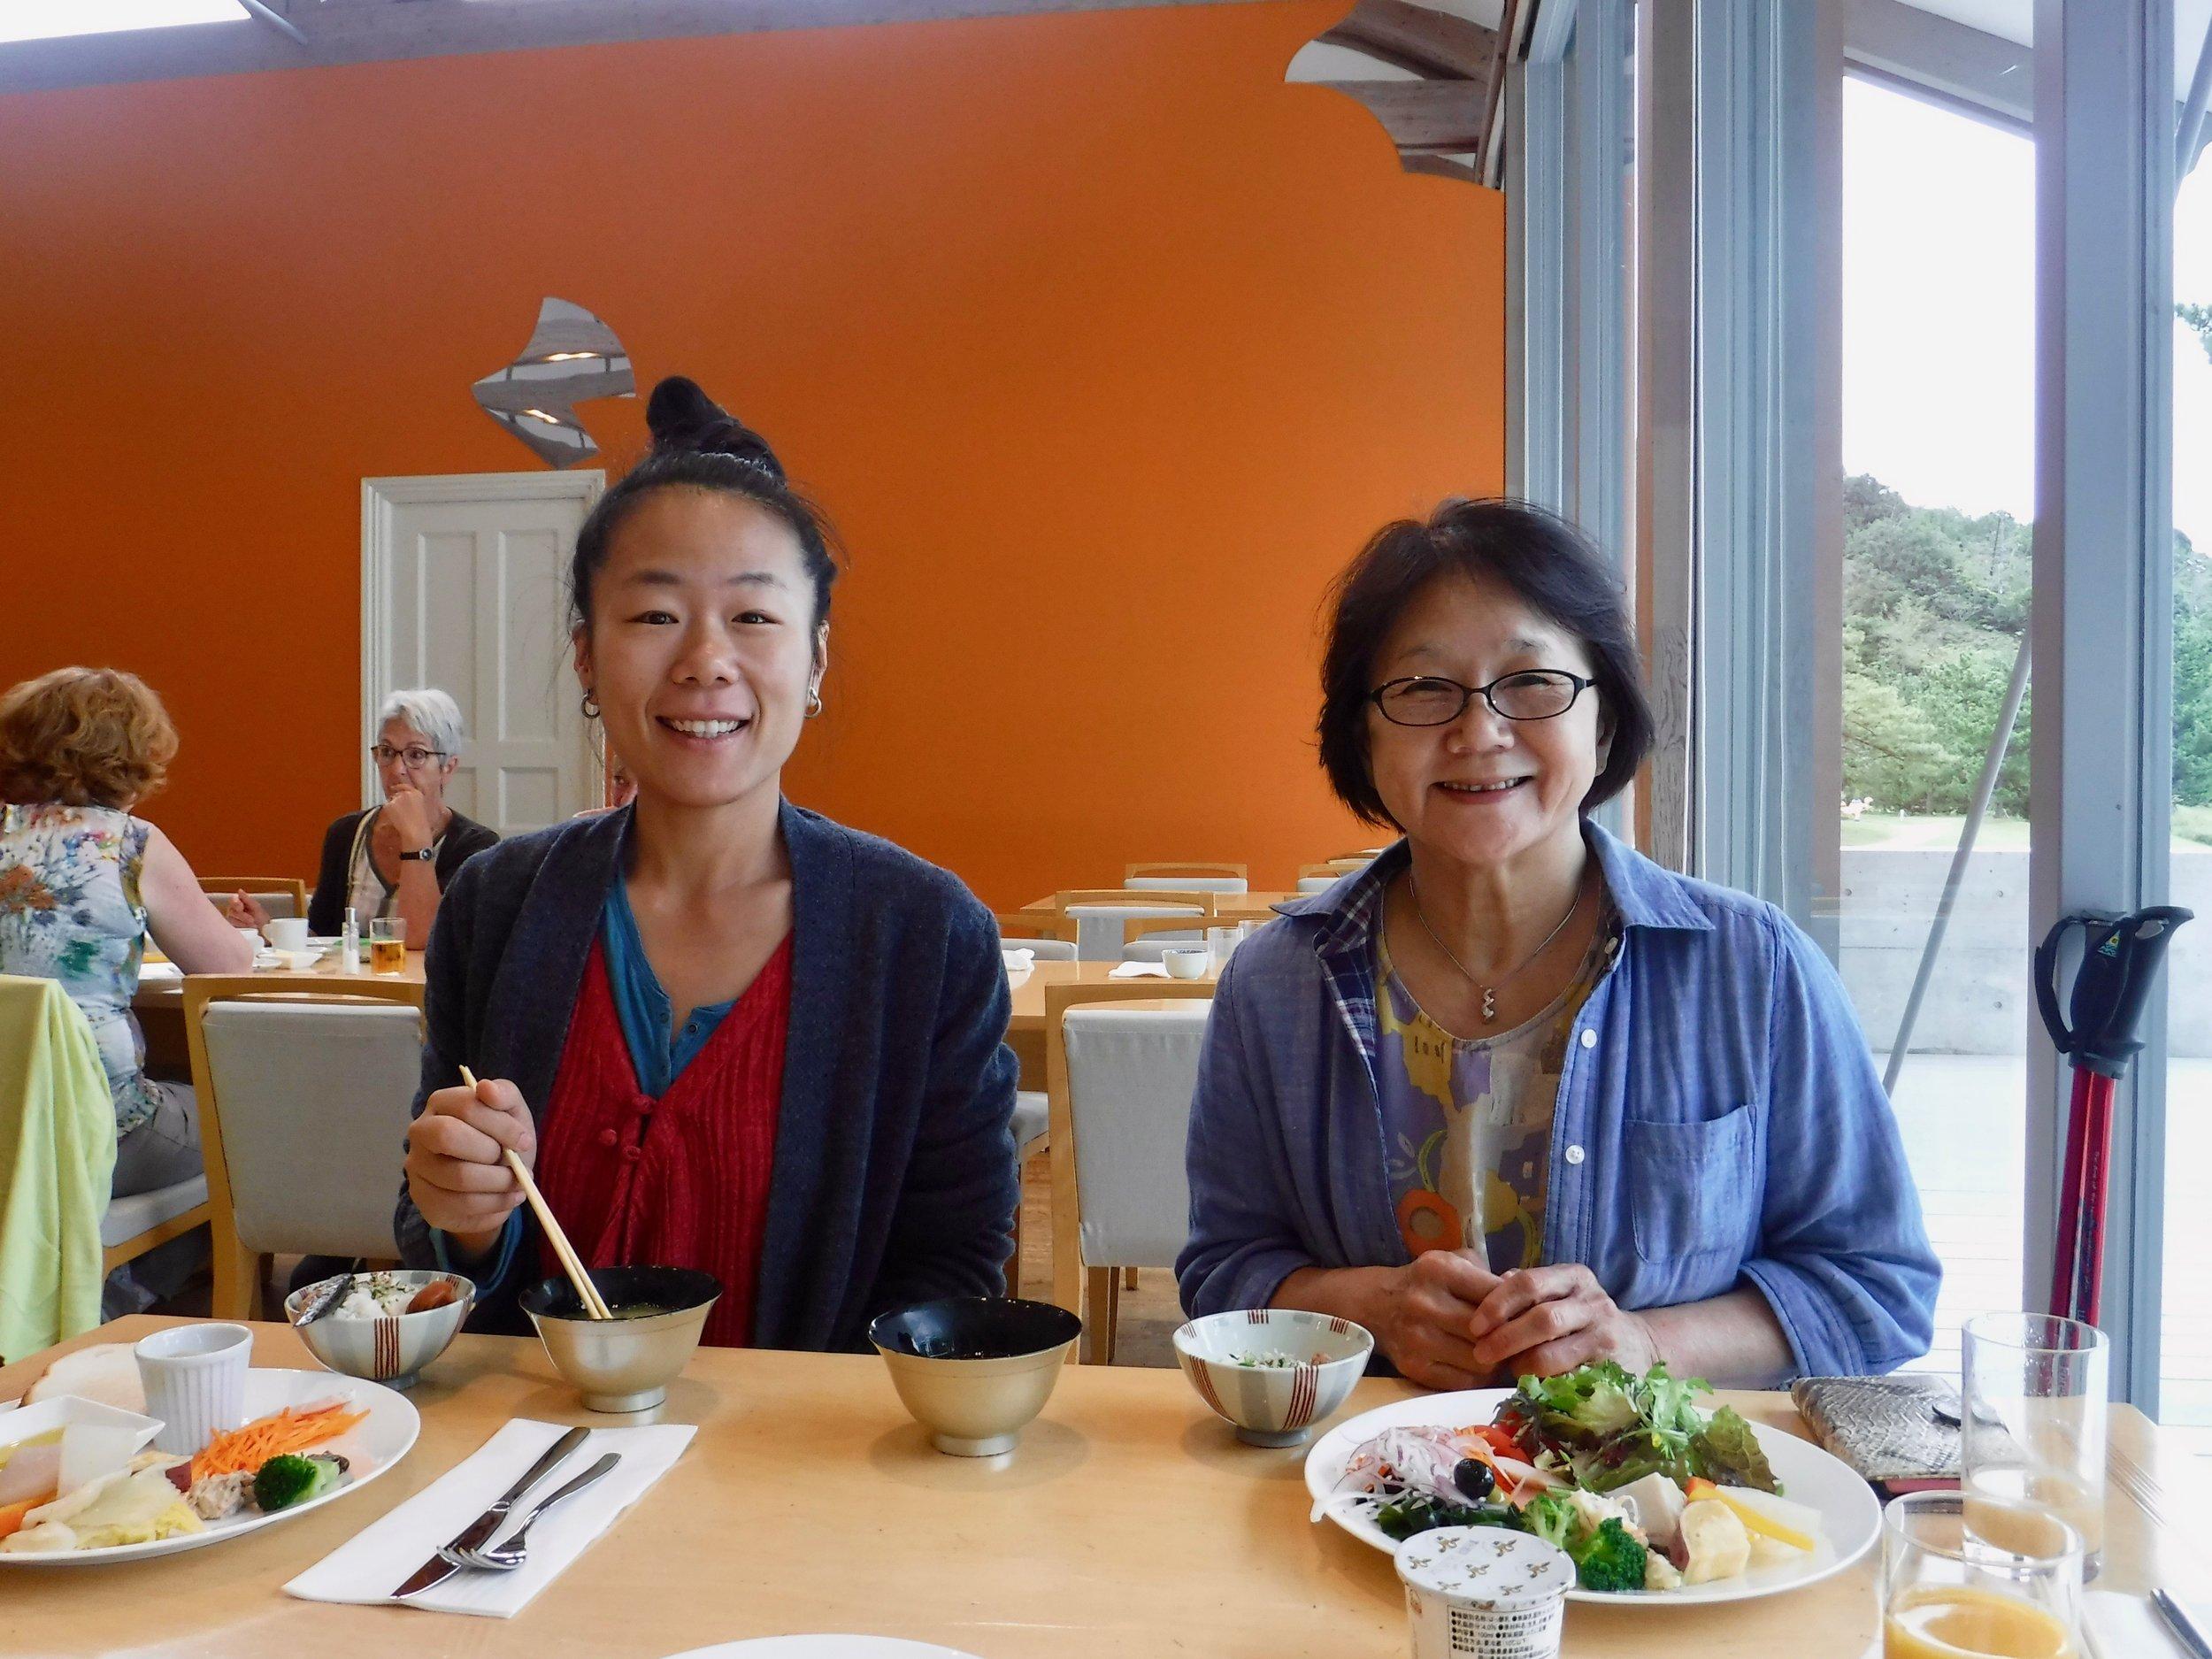 朝食の時が母の笑顔がマックスに。笑。普段作ってもらうことないもんね。